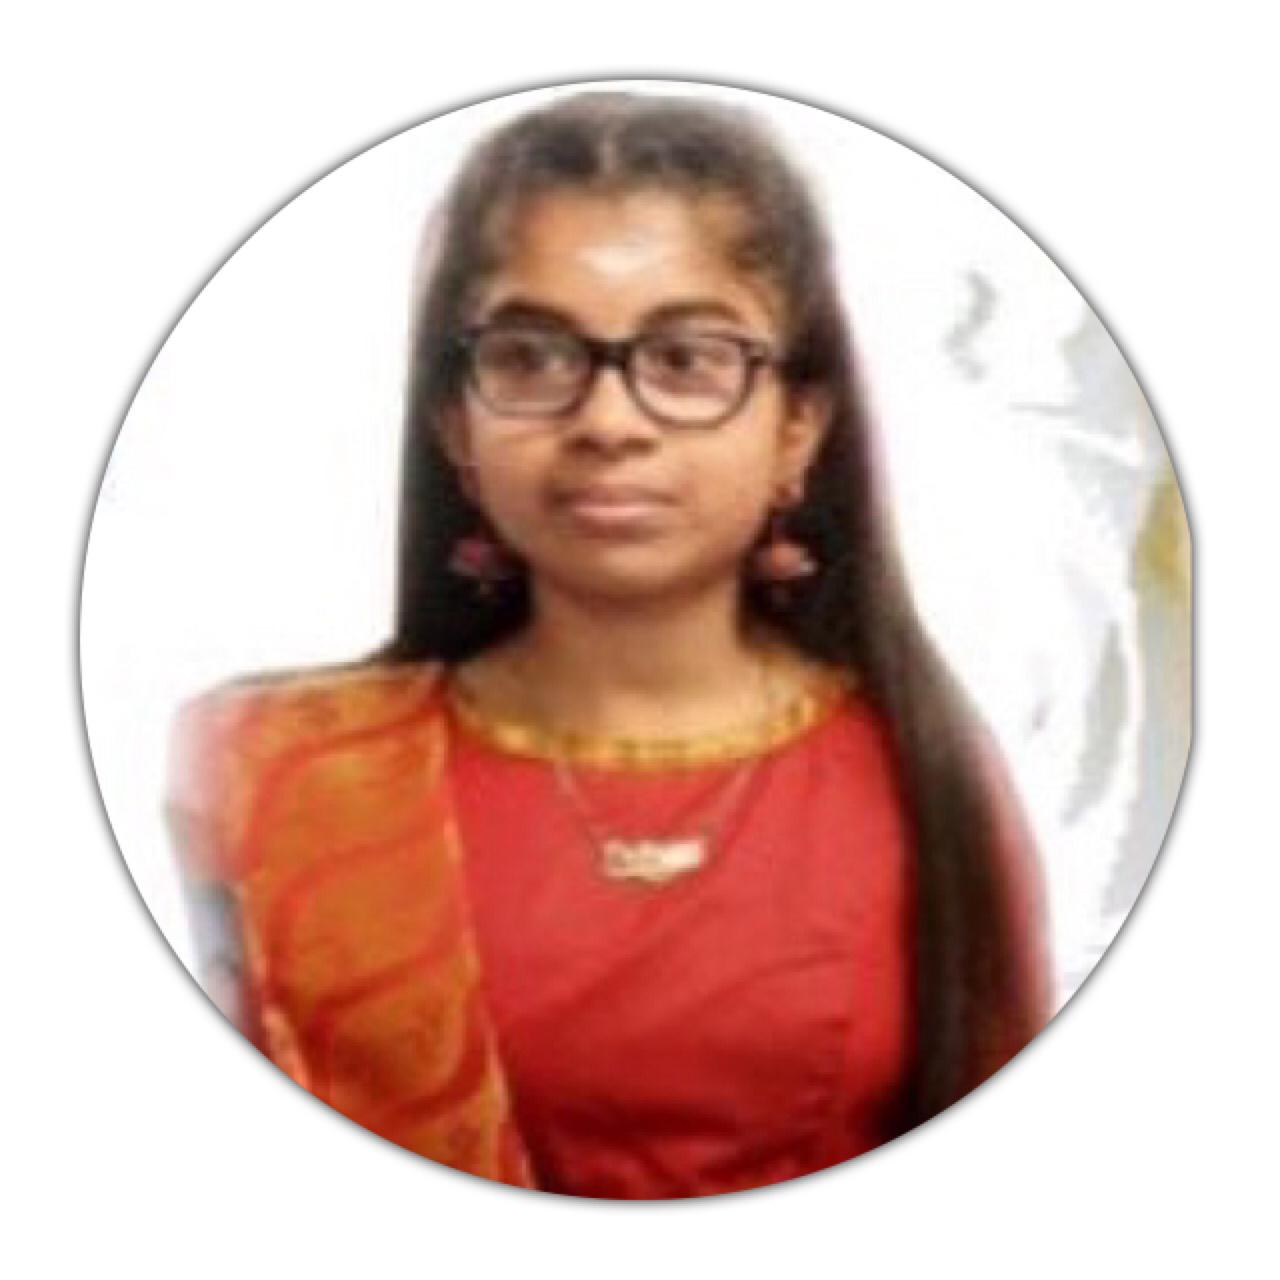 செல்வி. பாலகிருஷ்ணன் டக்ஷியா